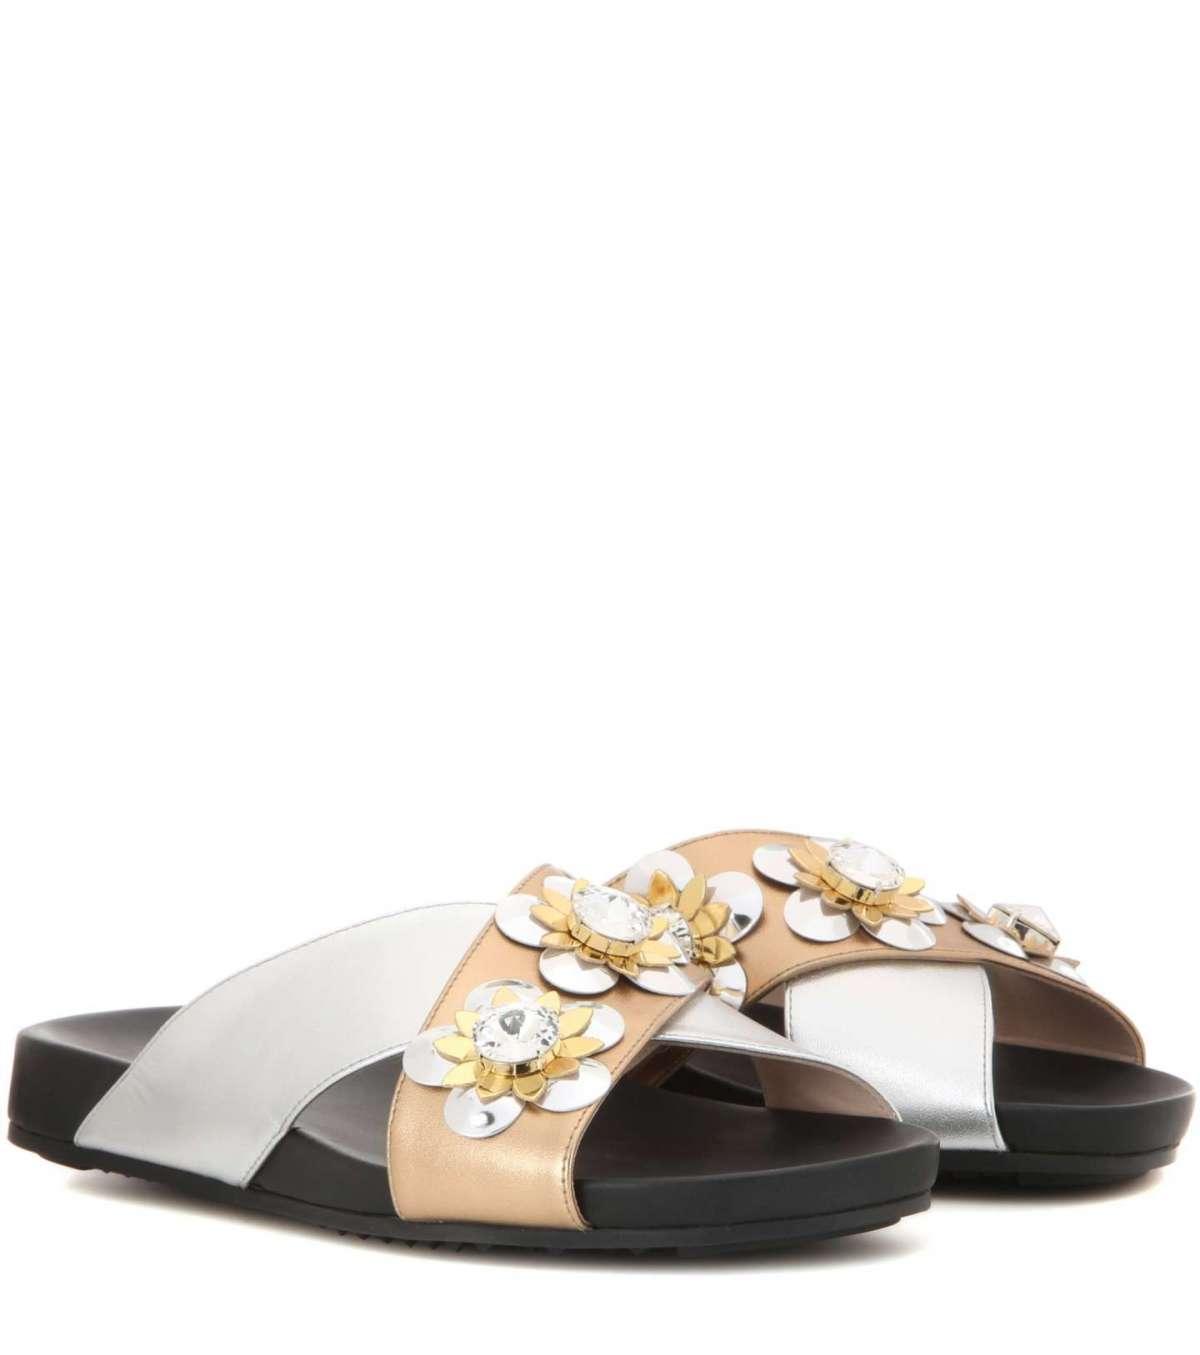 fendi sandali con applicazioni